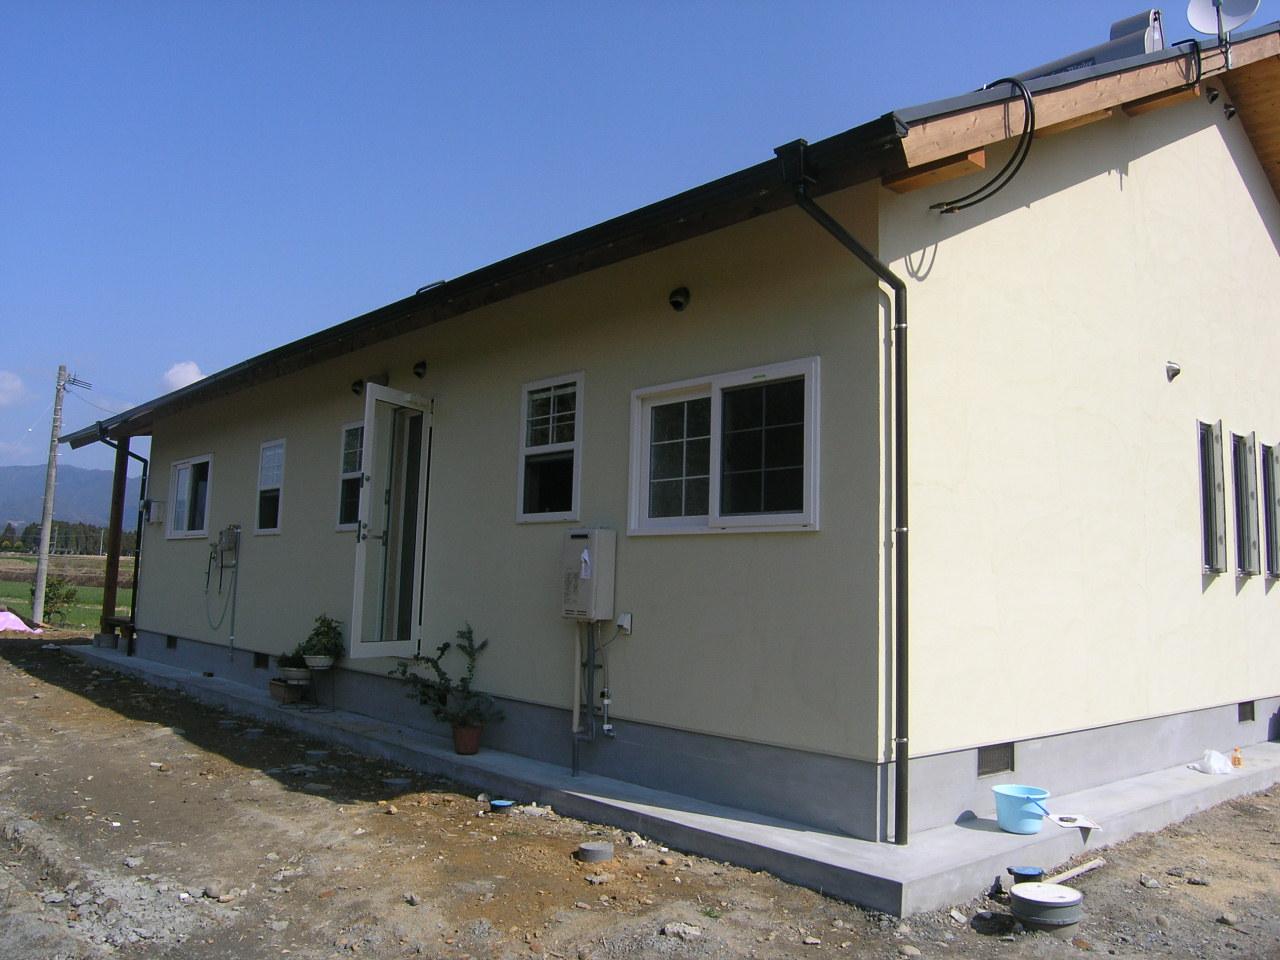 屋根の上には太陽熱温水器